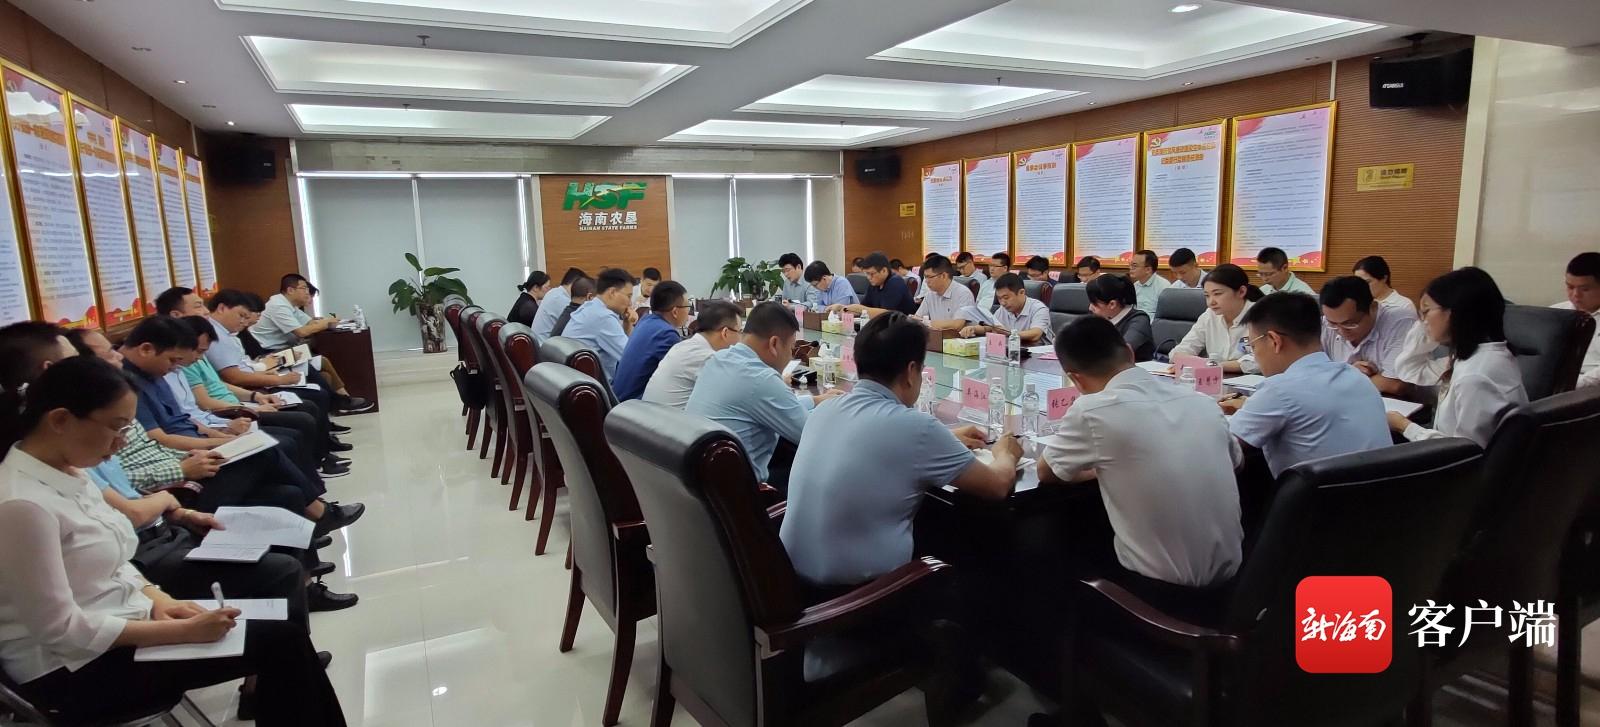 海南农垦:激活青年干部创新活力 打造高质量专业人才